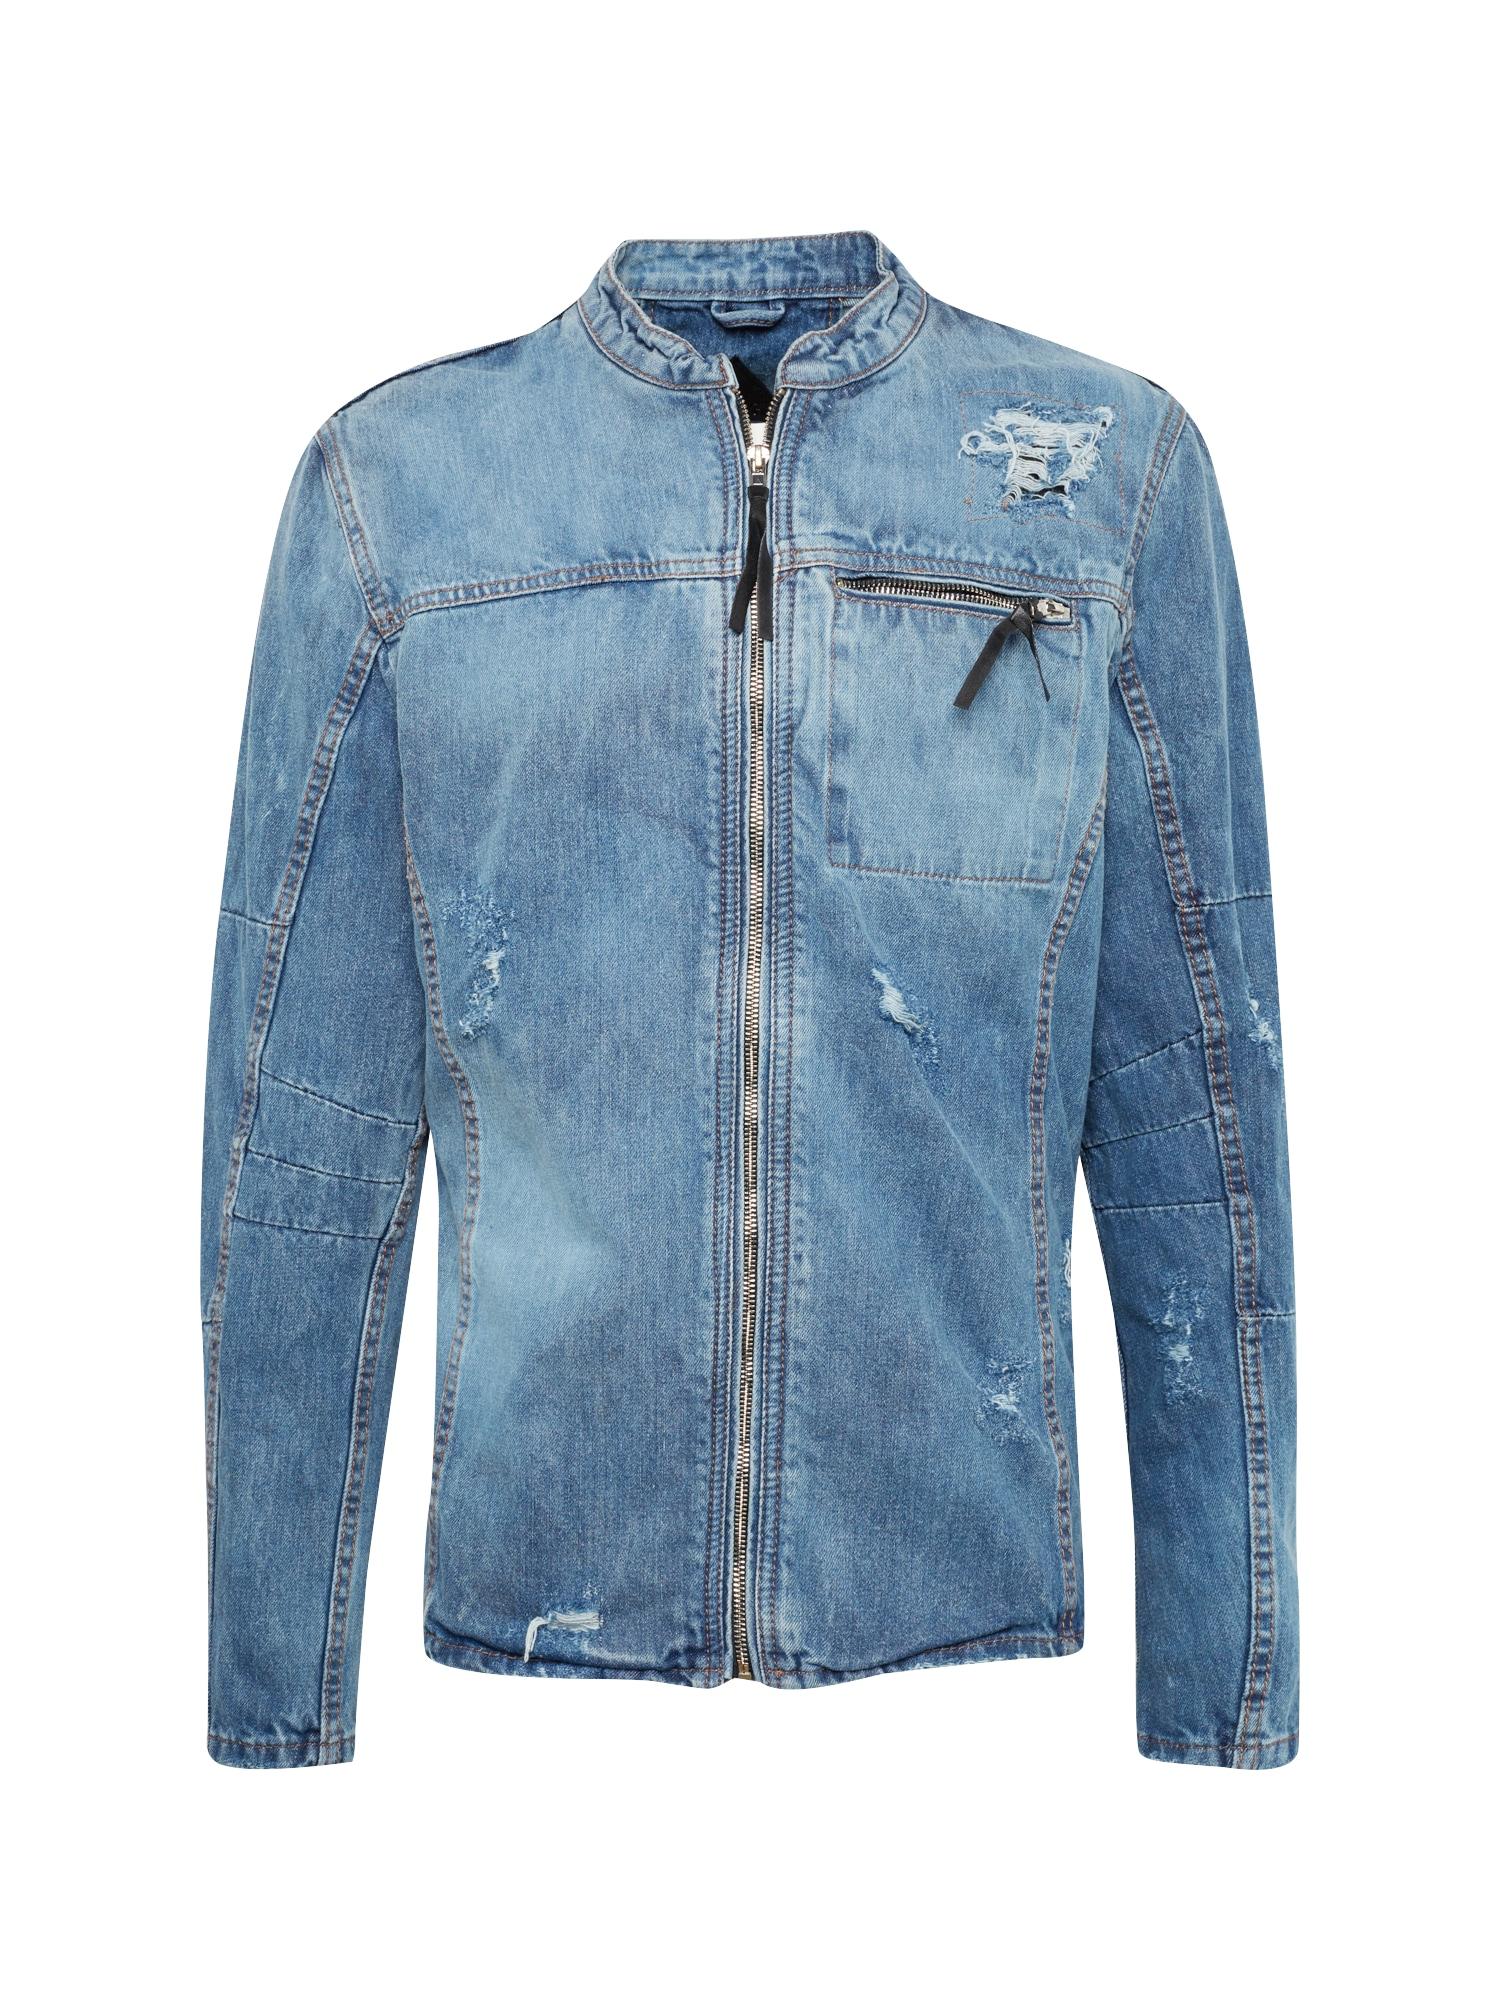 Přechodná bunda BEprism D modrá džínovina BE EDGY